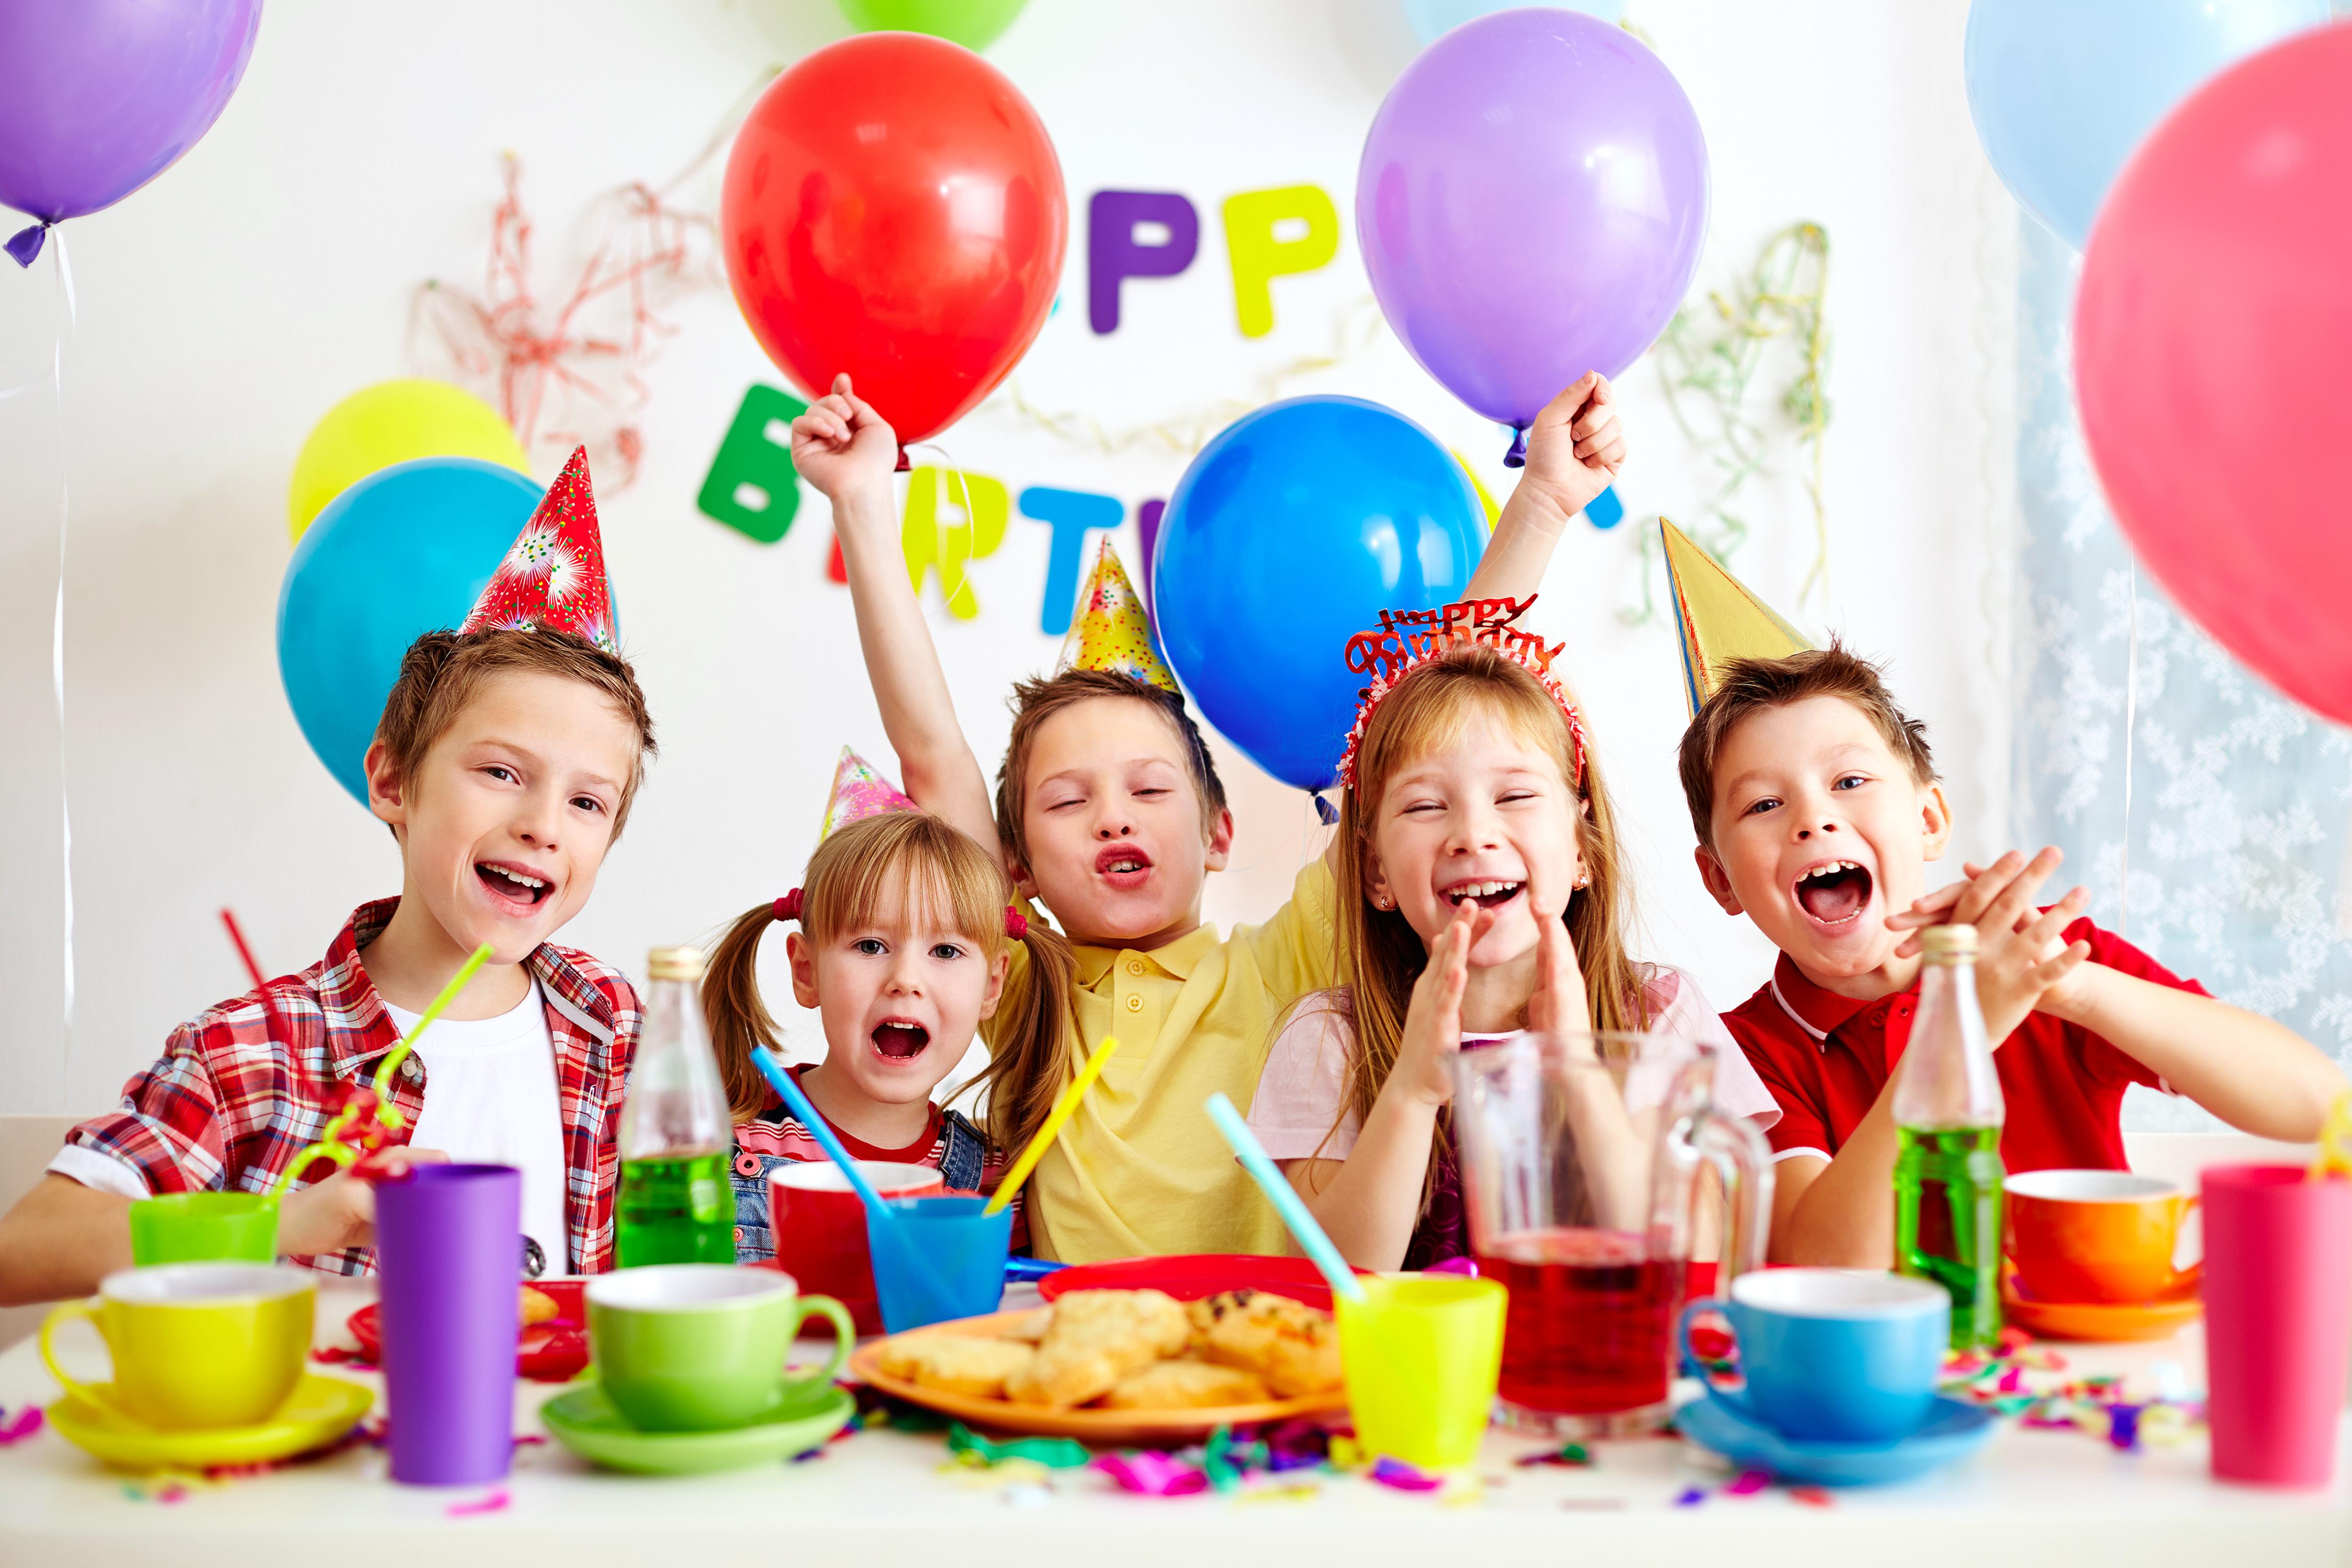 Giochi Di Compleanno Per Bambini E Addobbi Fai Da Te Cosicomodo